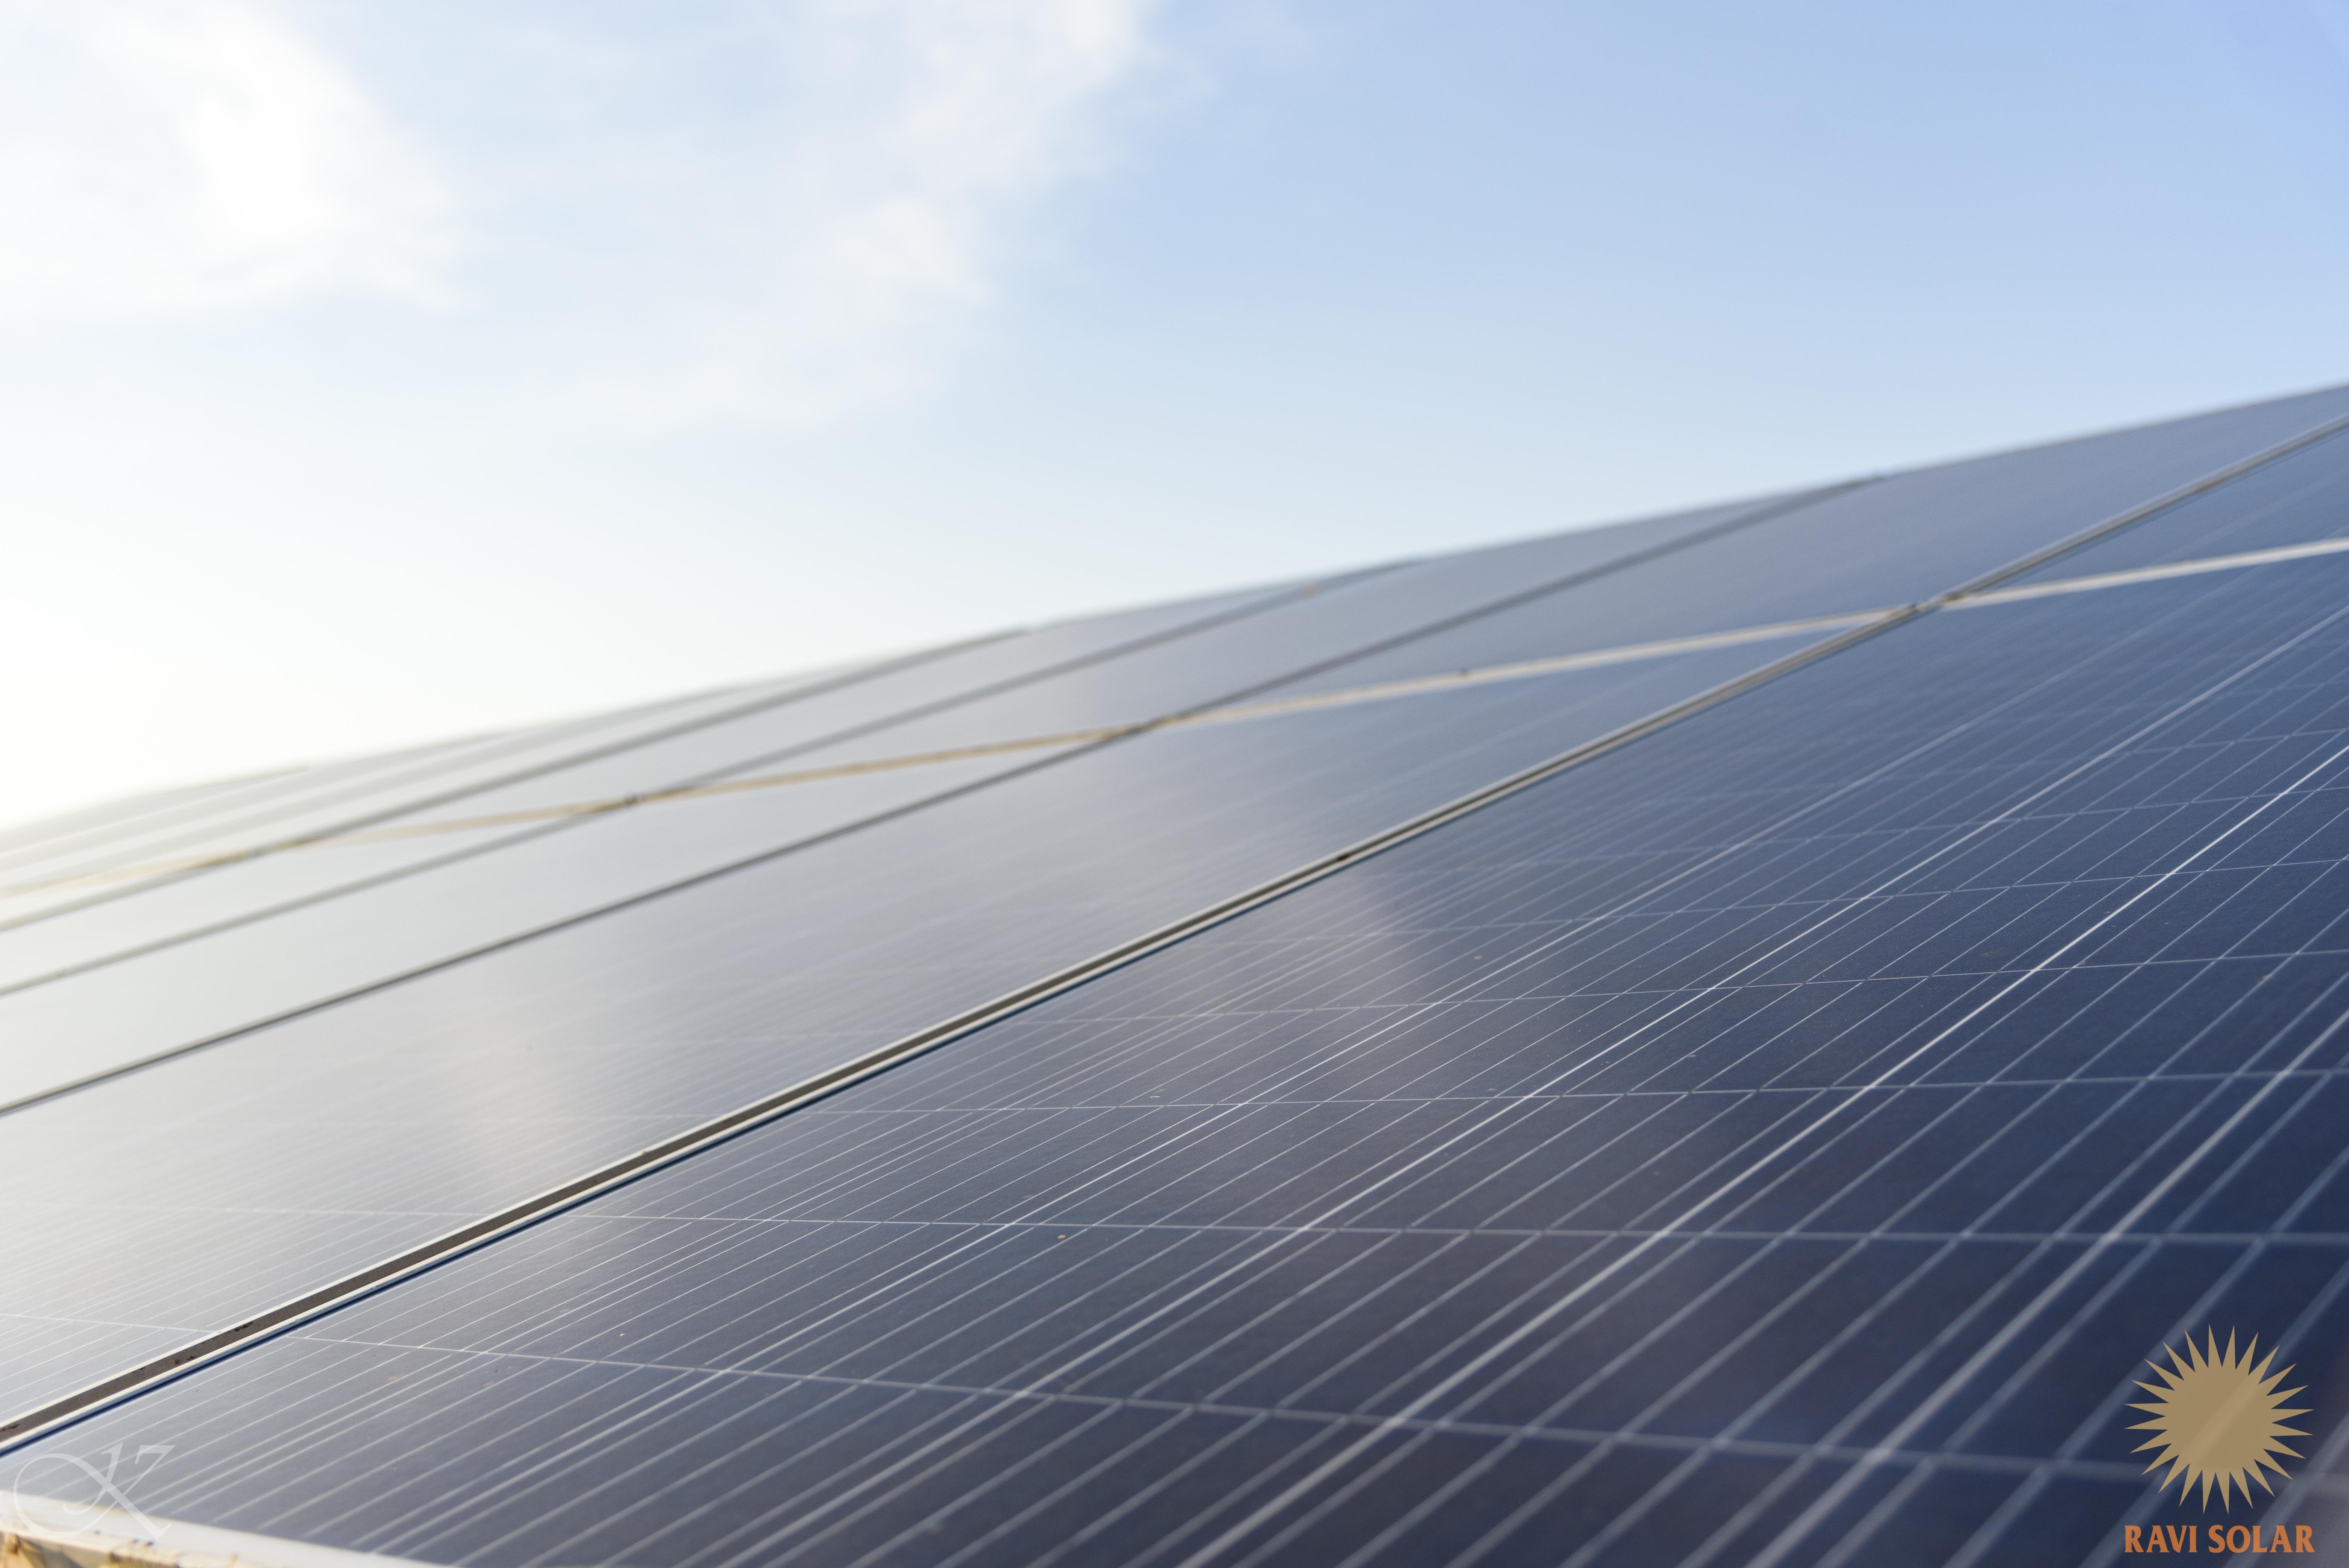 Solar Power Company in India